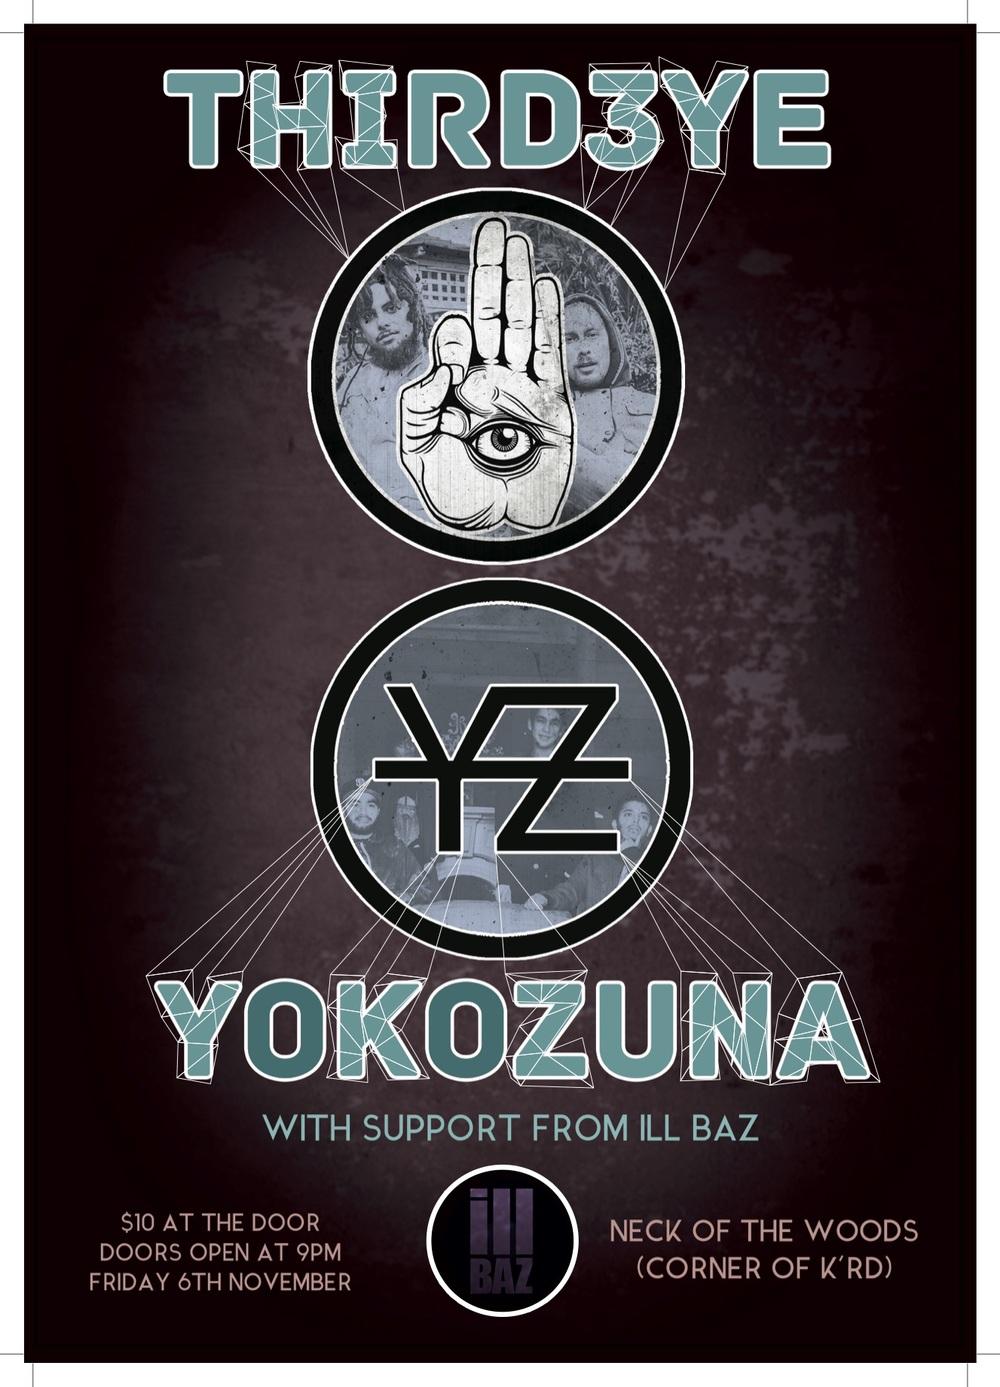 Third3ye-Yokozuna-Poster-final-print (1)JPG.jpg